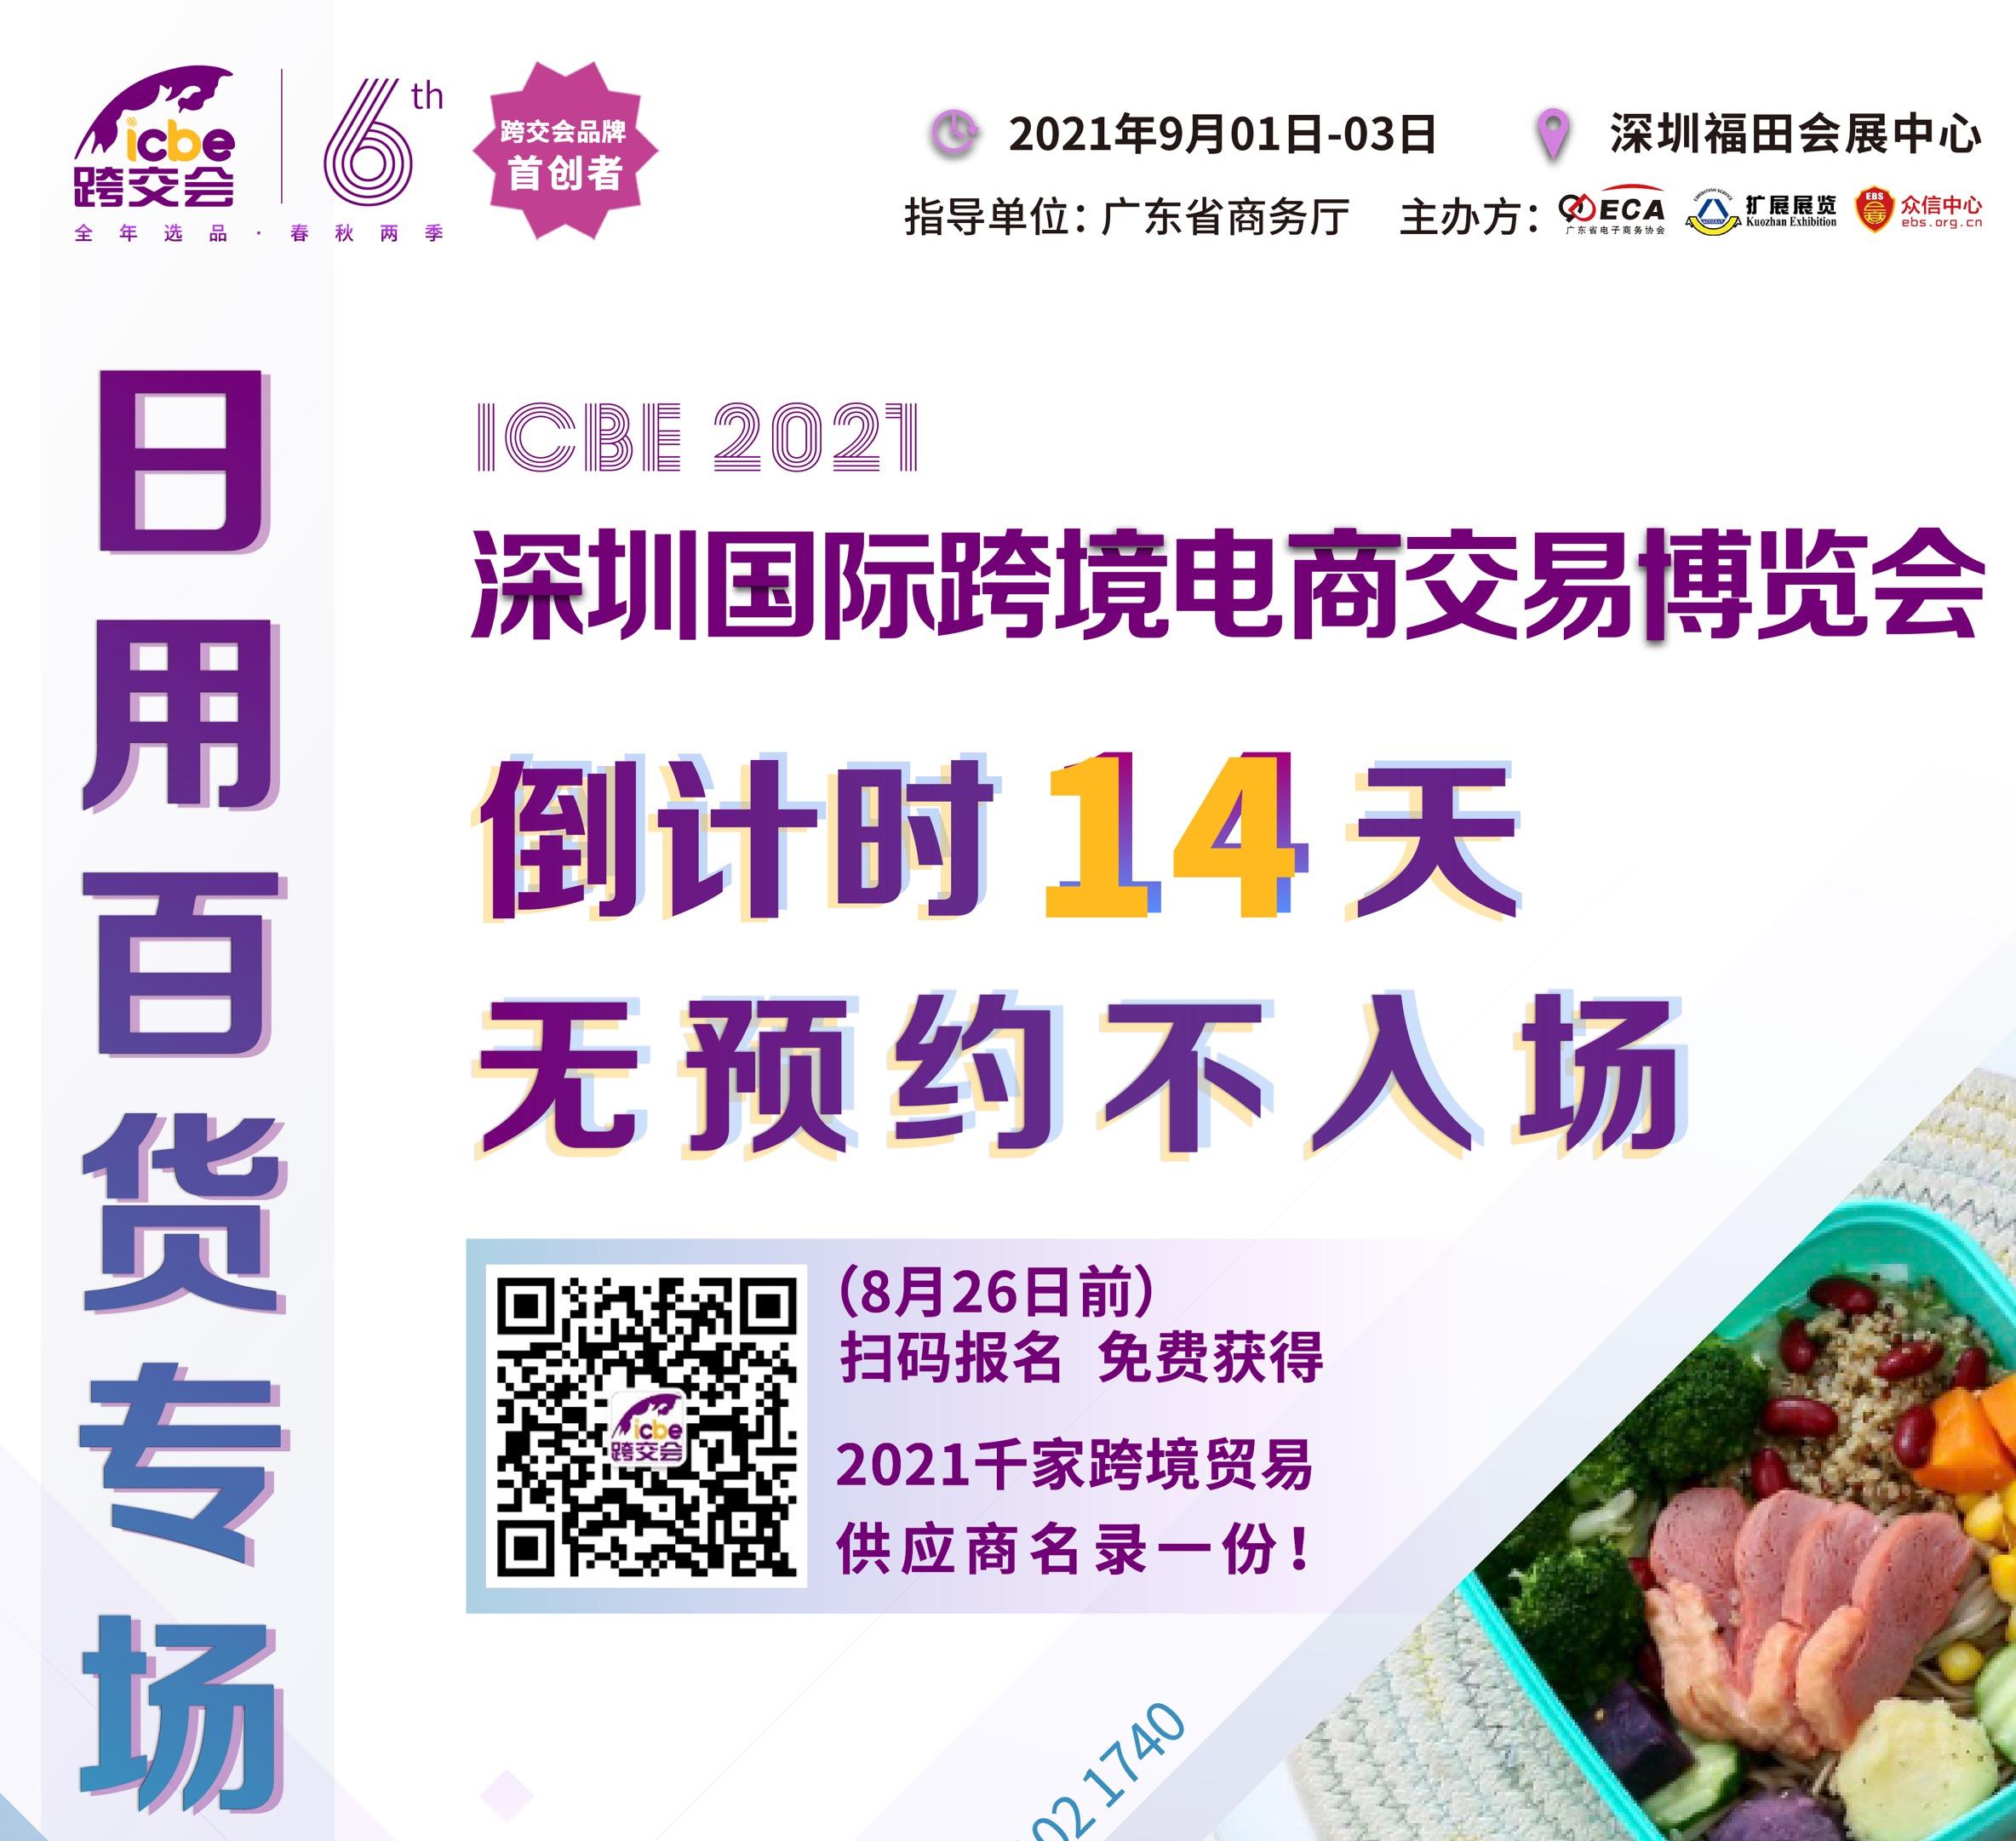 「日用百货专区」ICBE深圳跨交会来袭 跨境优质厂家邀您选品